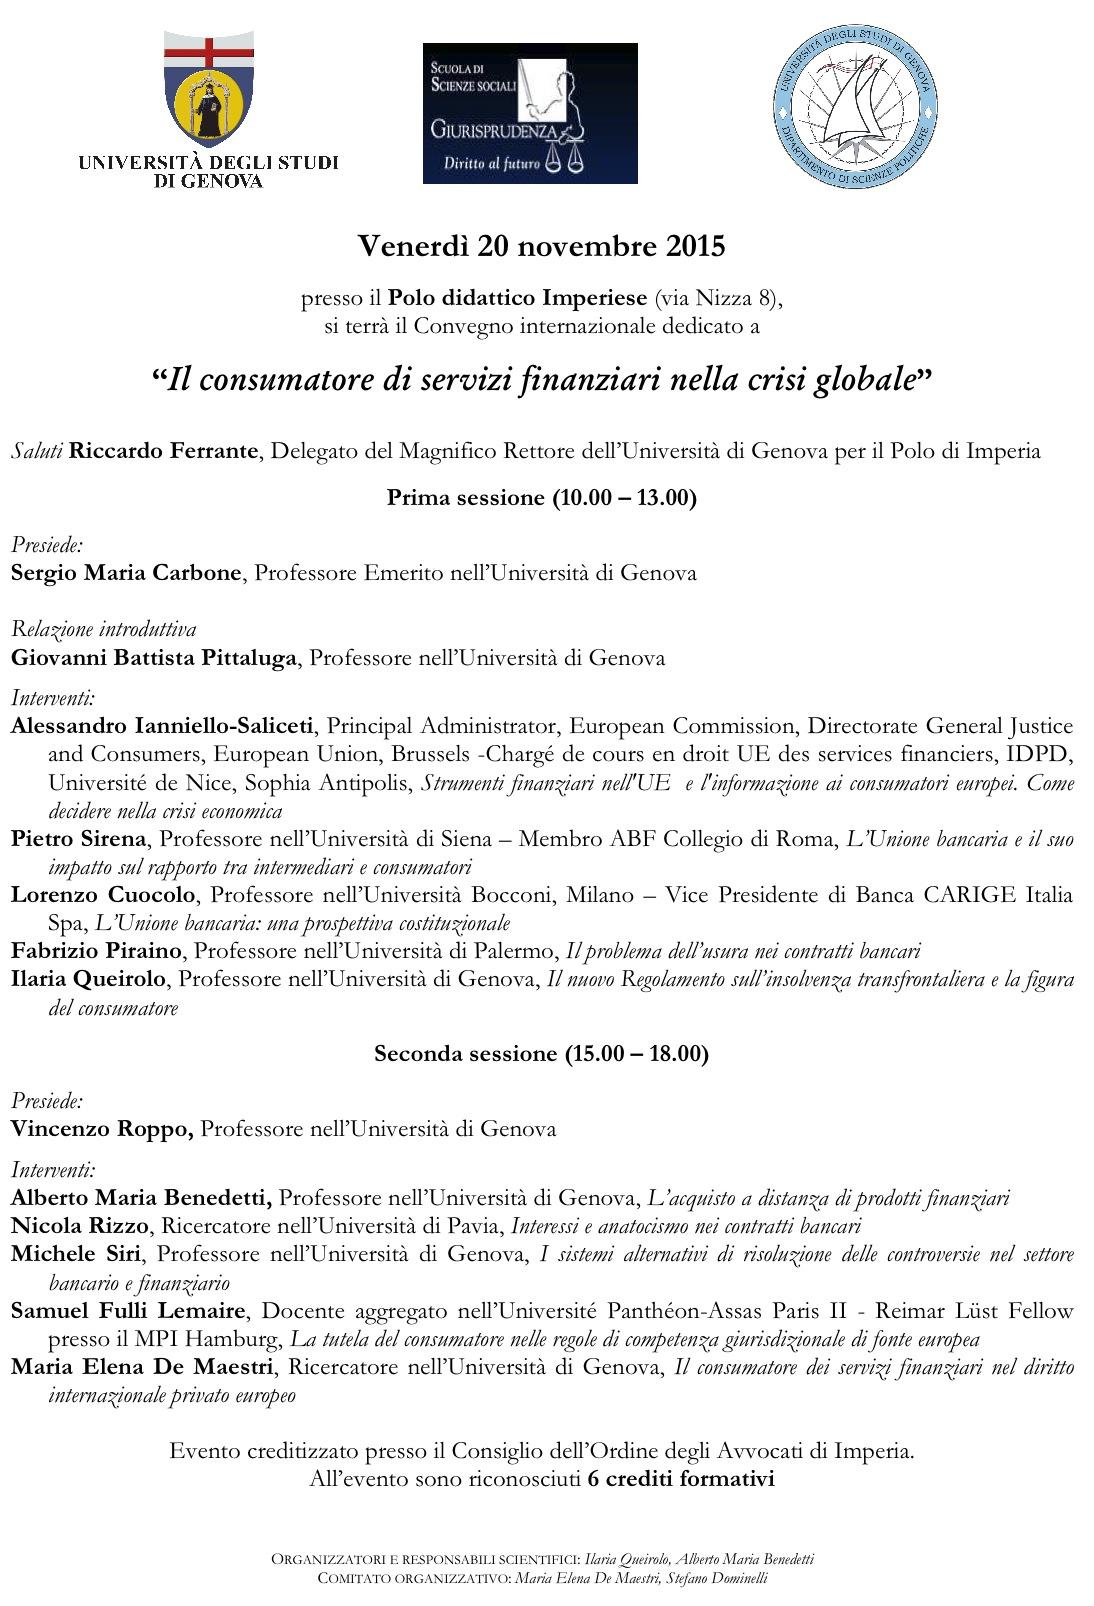 Il consumatore di servizi finanziari nella crisi globale - Imperia, 20 novembre 2015